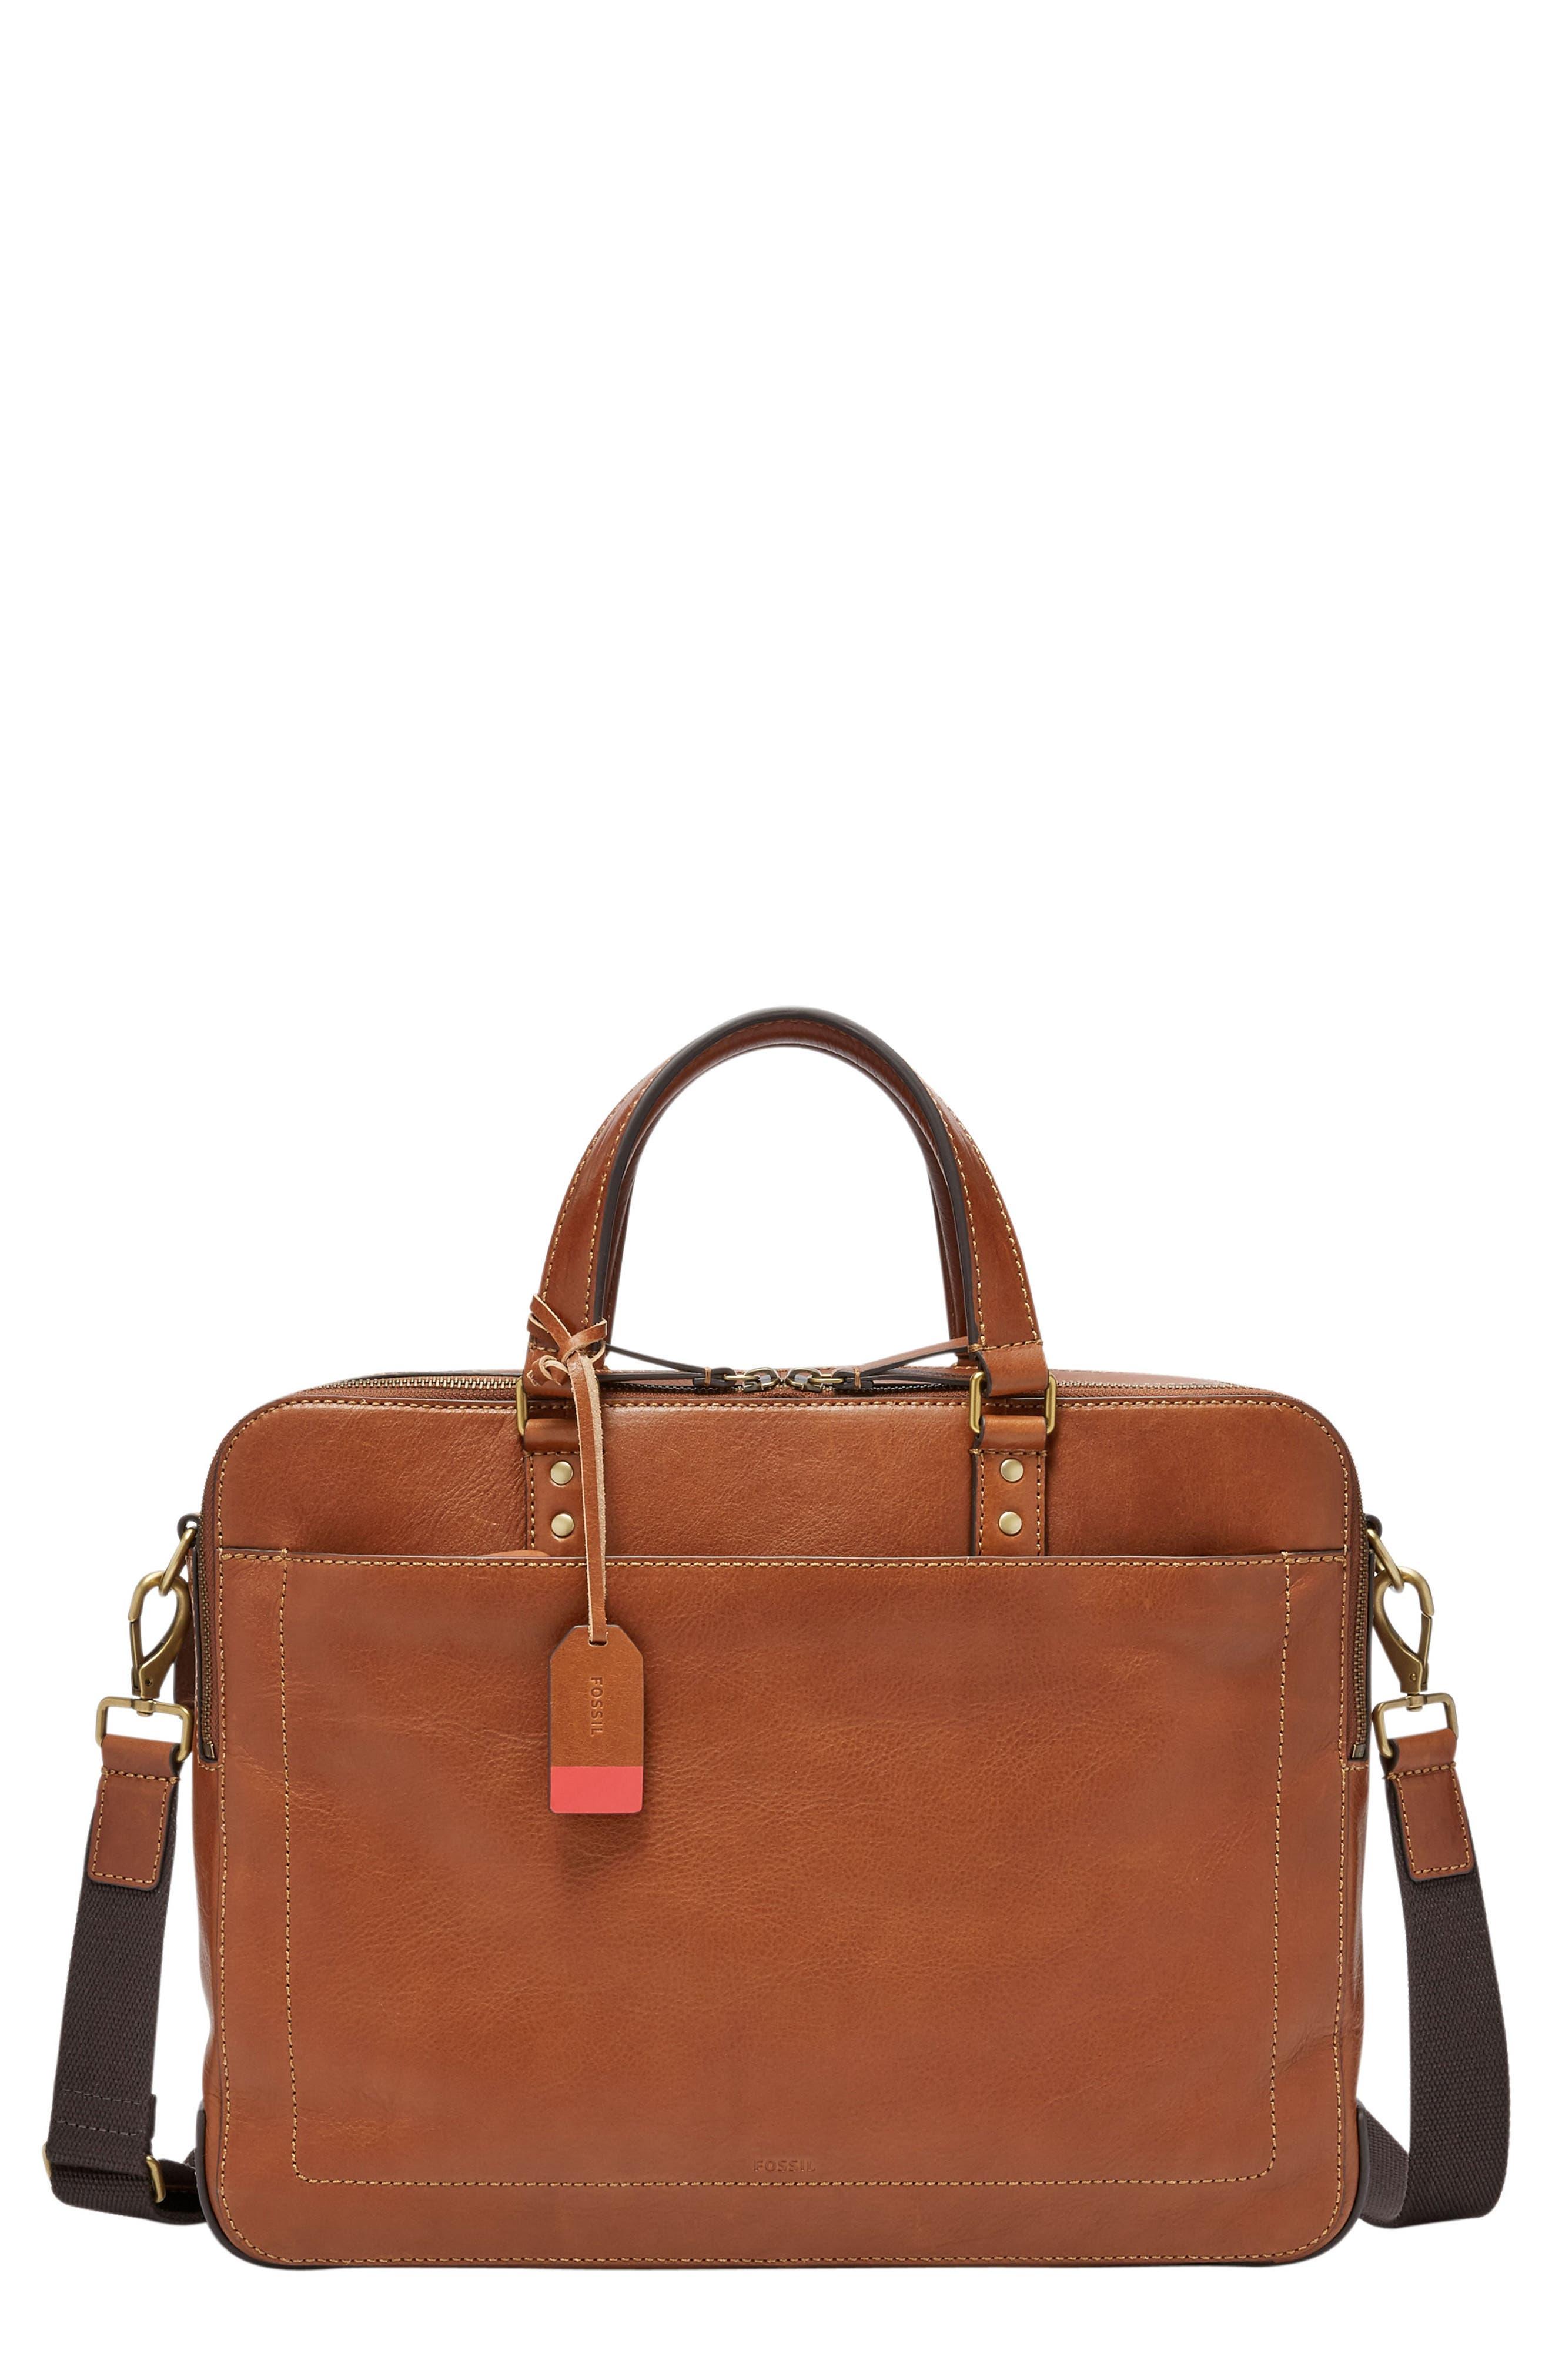 Defender Leather Briefcase,                             Main thumbnail 1, color,                             COGNAC